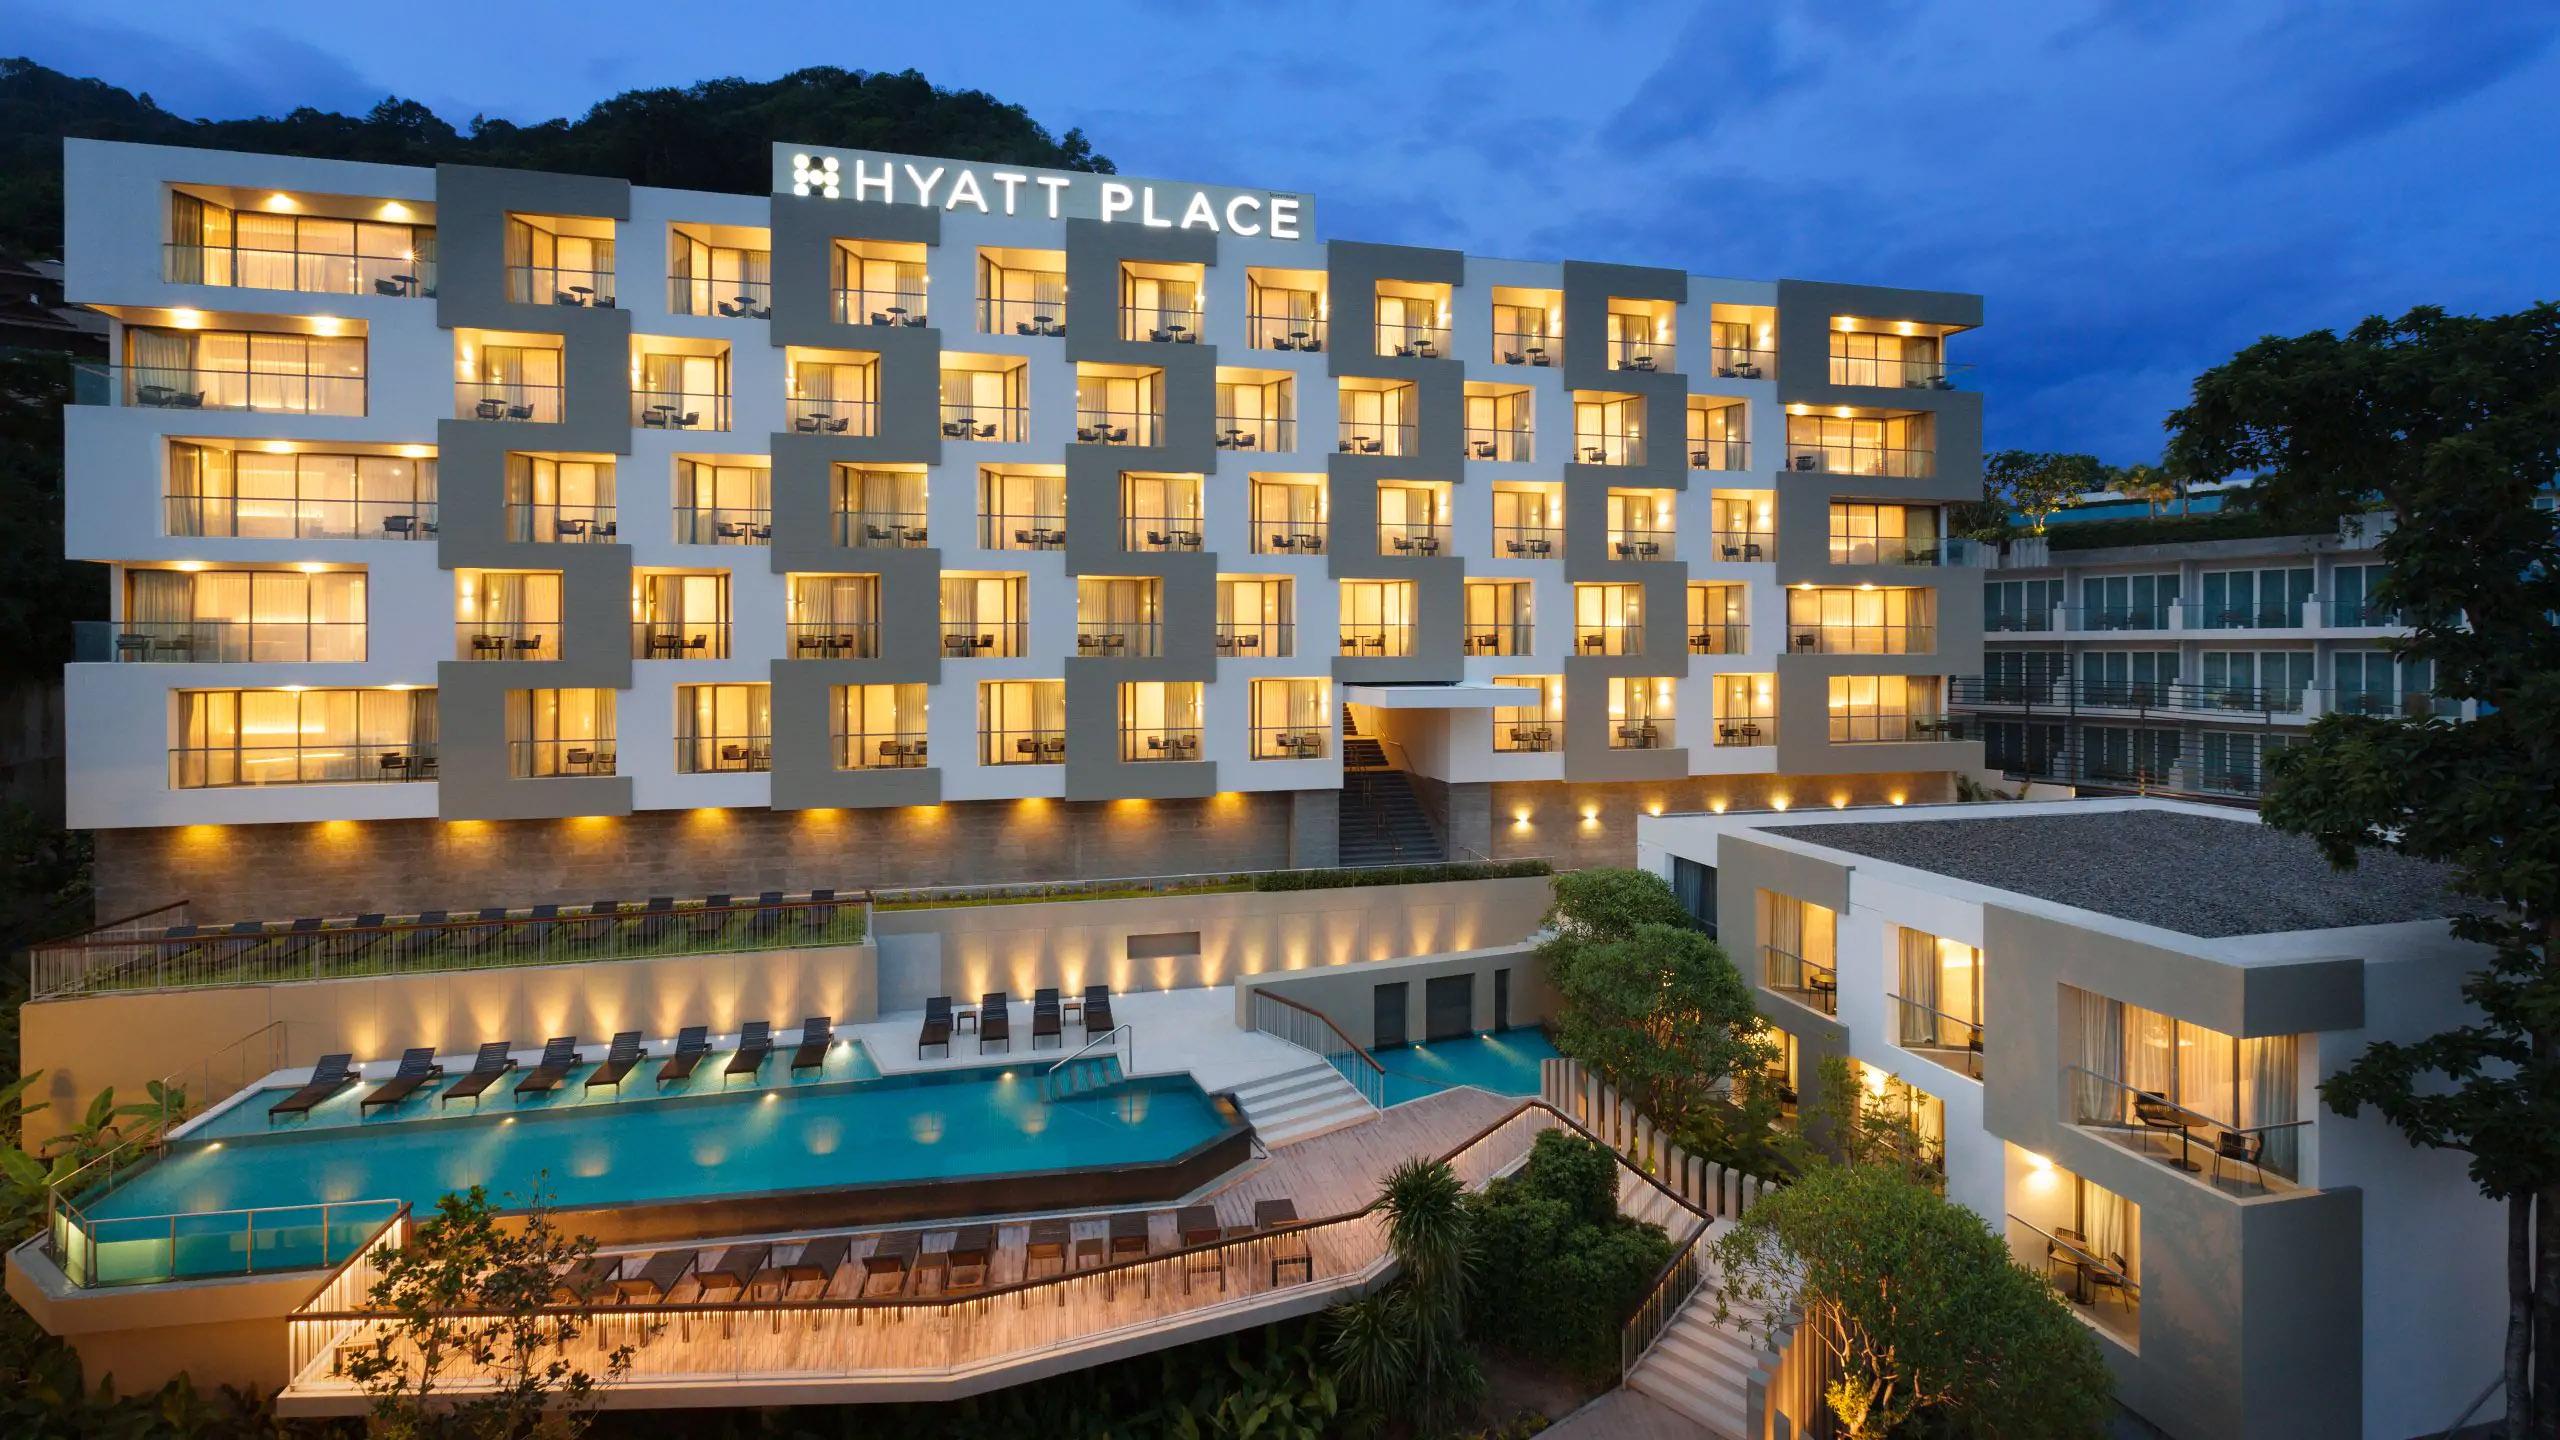 Hotel Hyatt Patong (Hyatt Corporation)